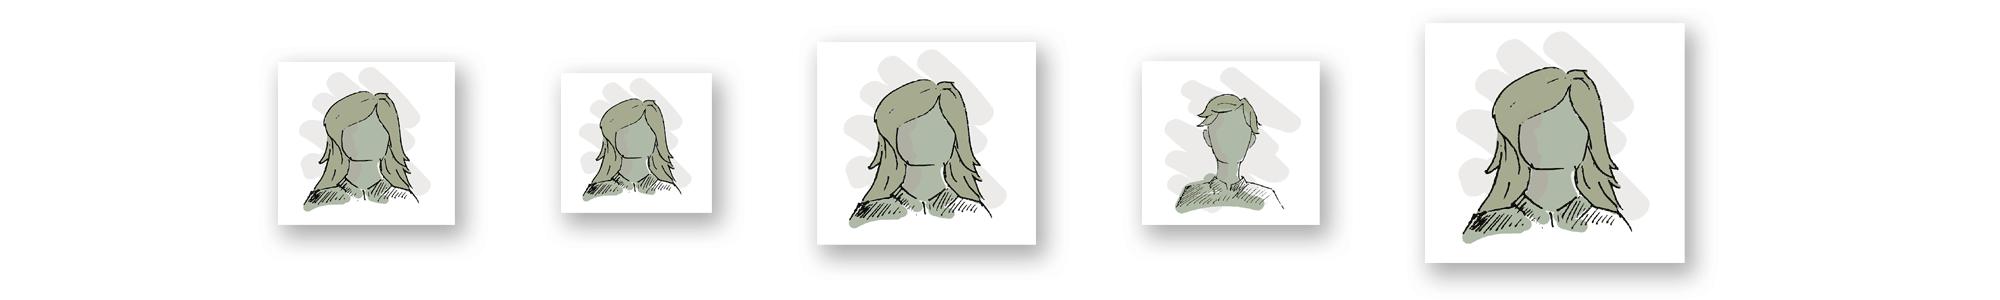 Illustration of unnamed children